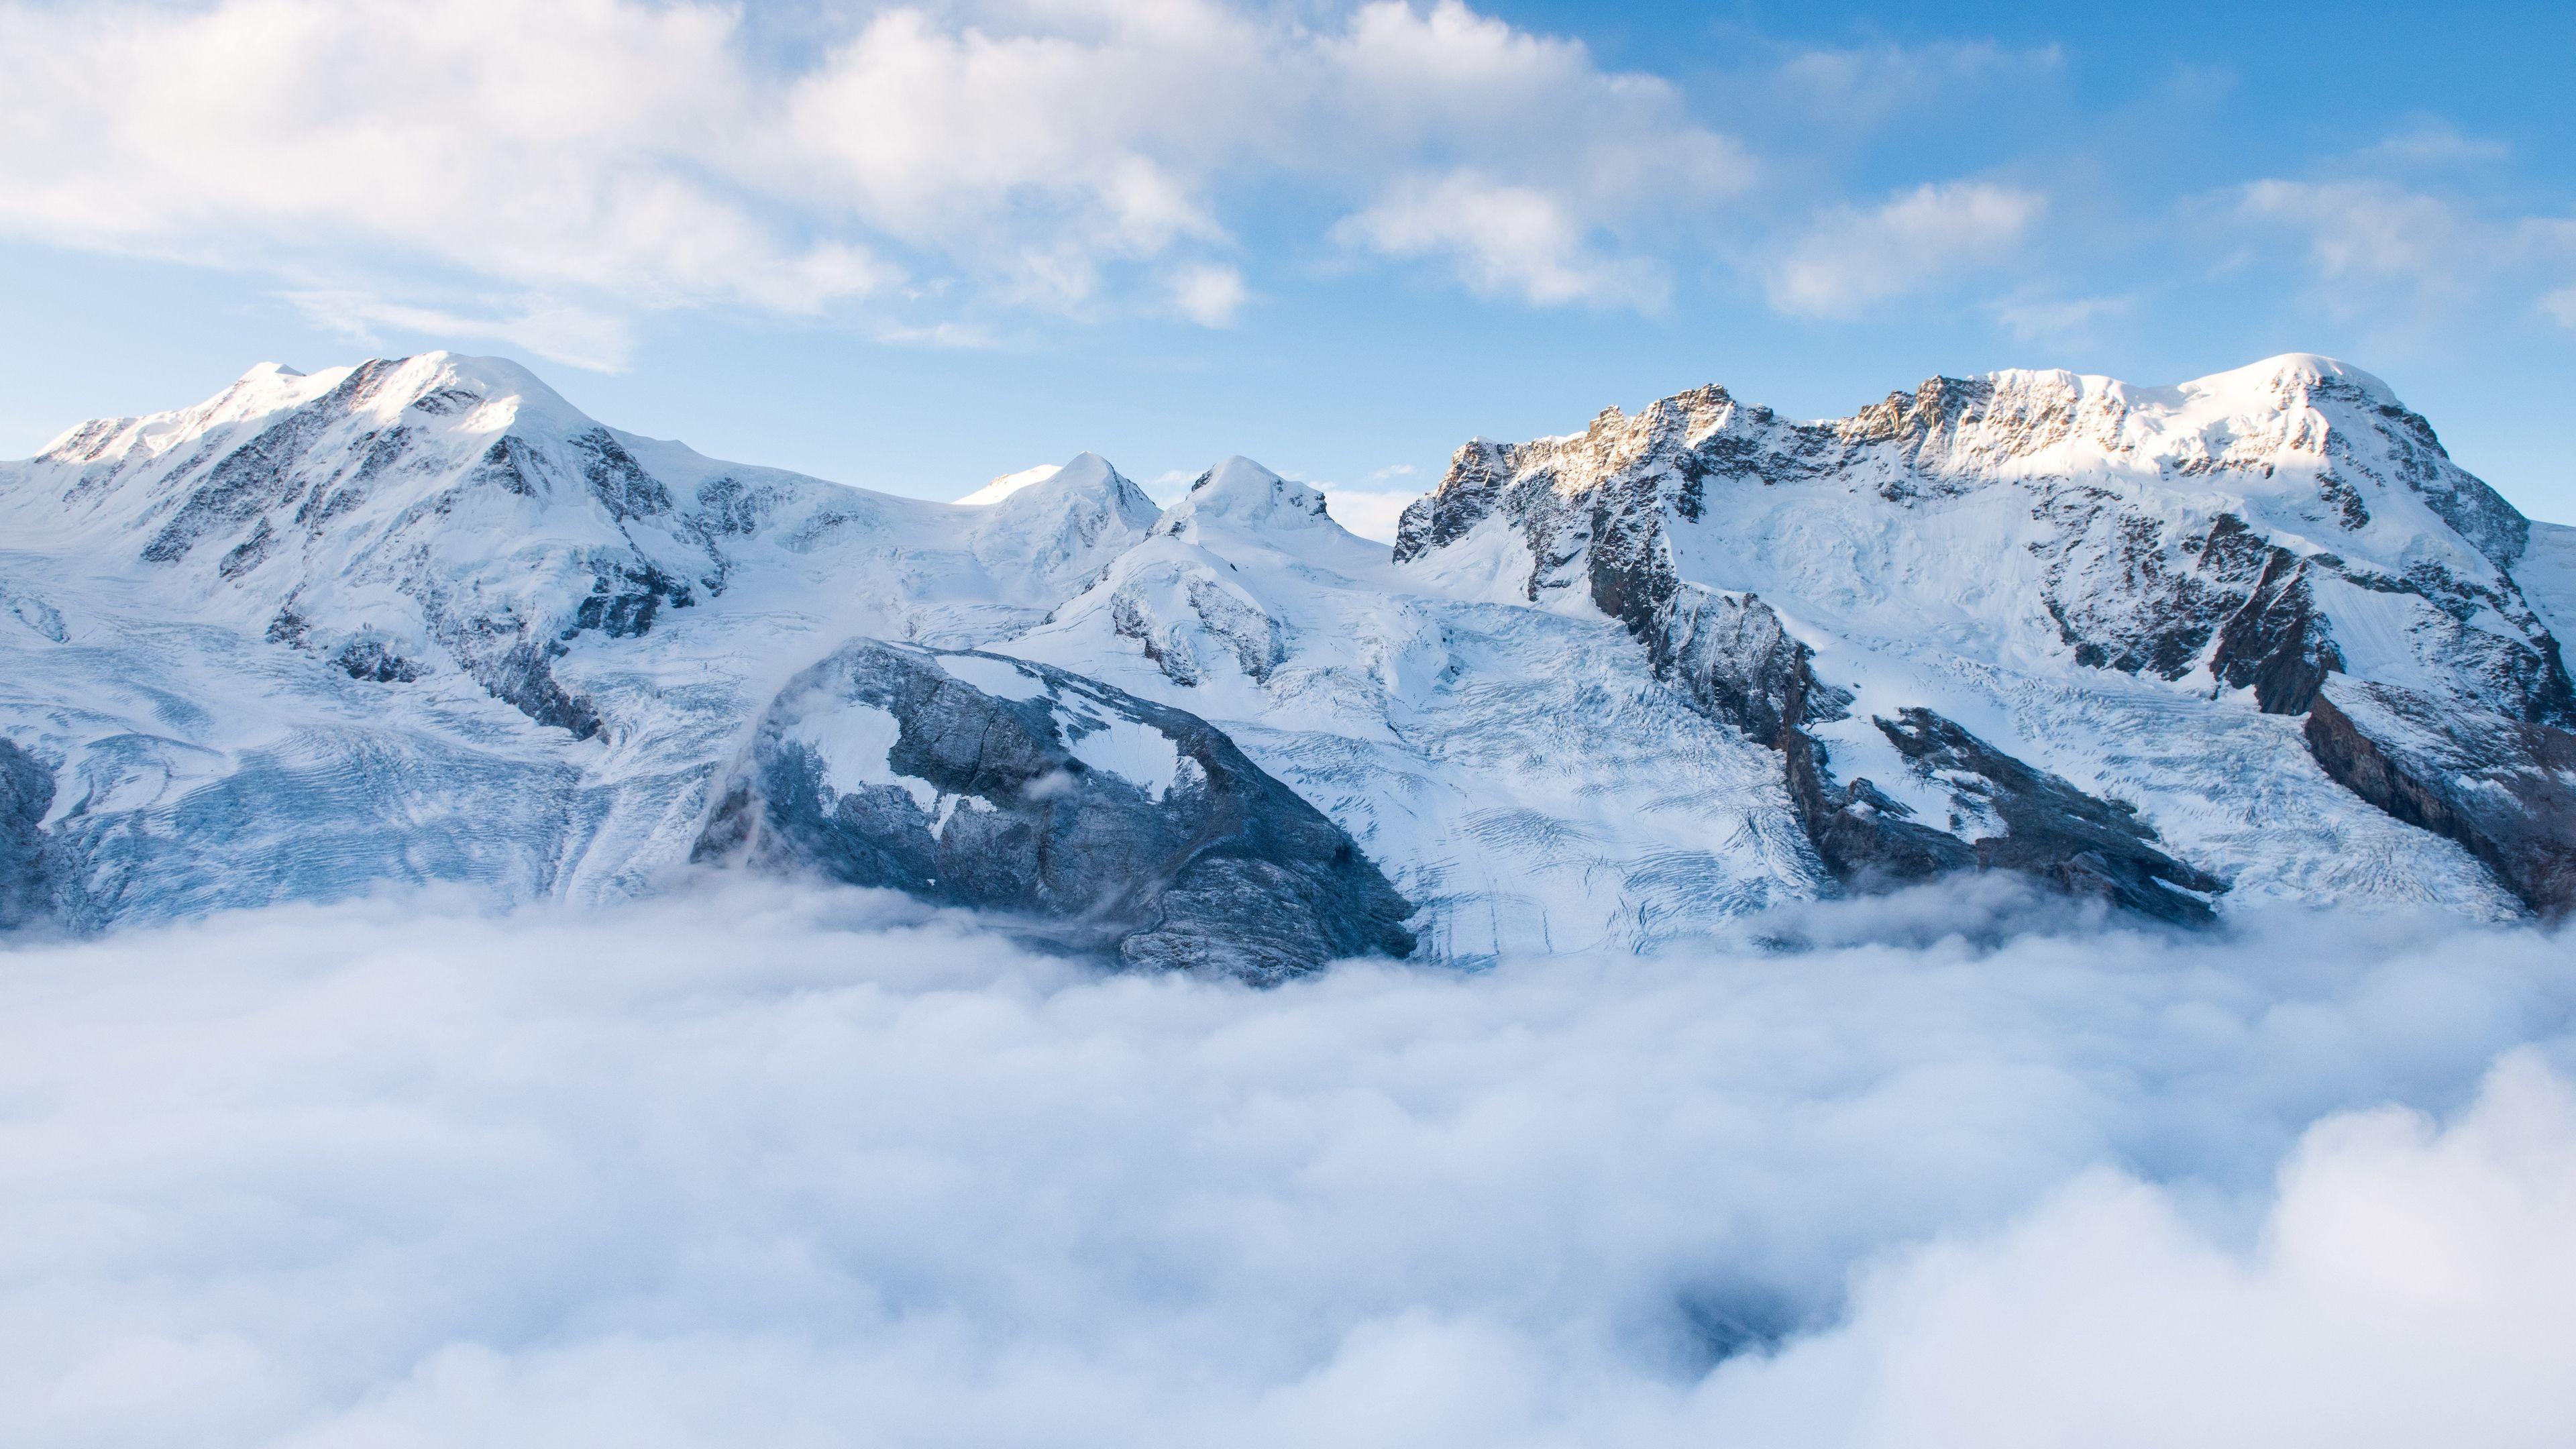 Cloud Mountain Wallpapers   Top Cloud Mountain Backgrounds 3840x2160